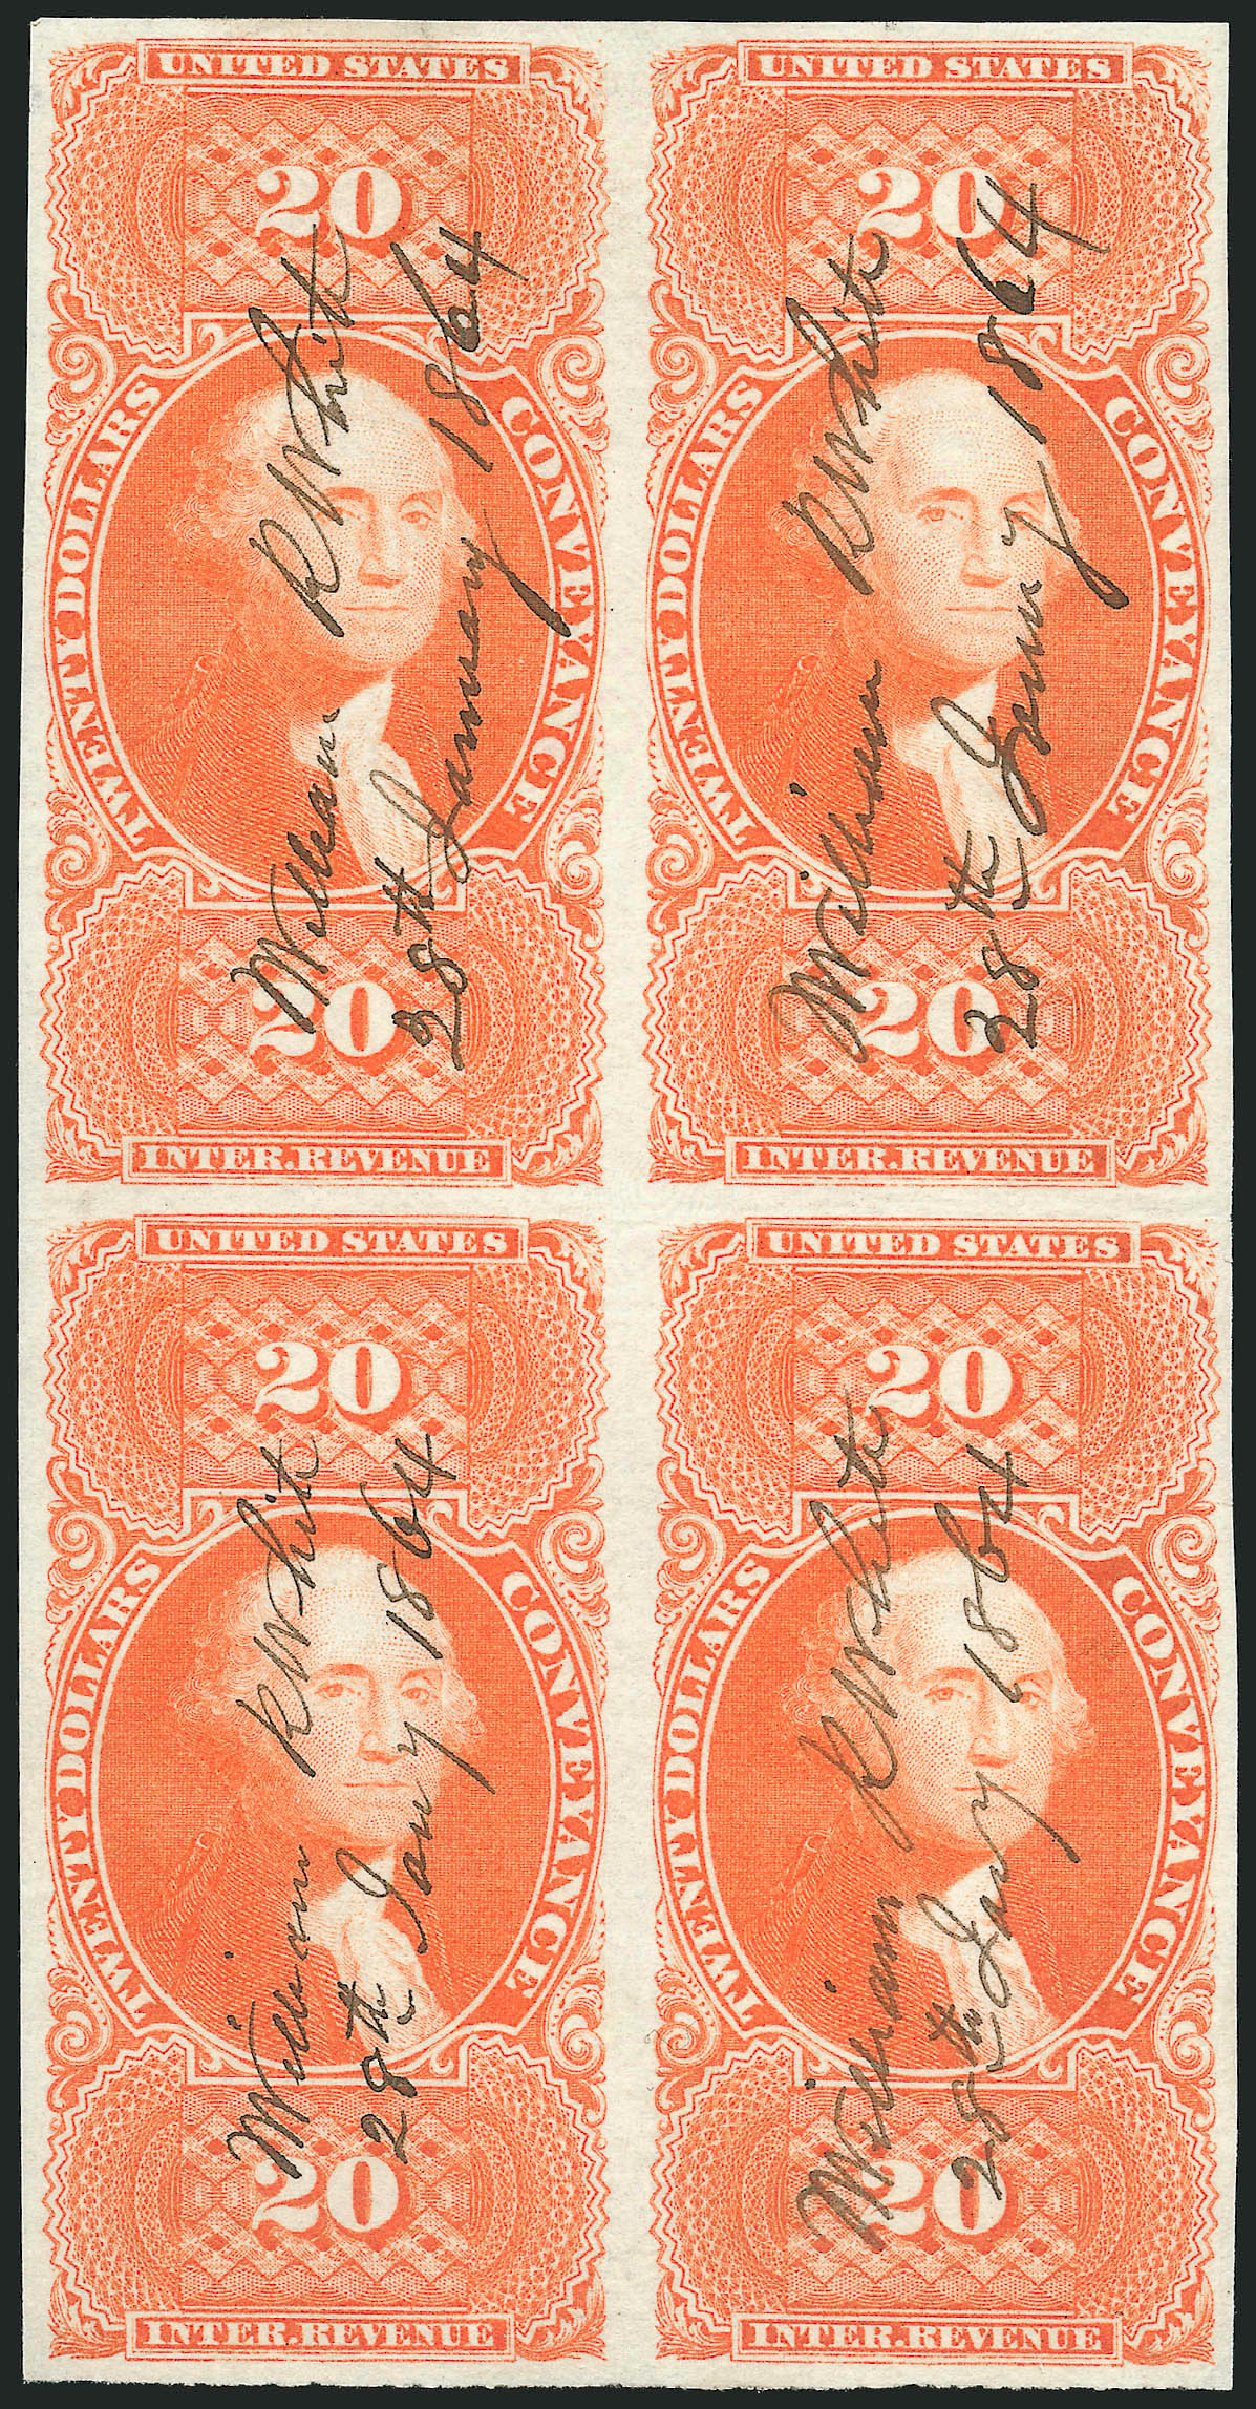 US Stamps Value Scott R98: 1862 US$20.00 Revenue Conveyance. Robert Siegel Auction Galleries, Jun 2015, Sale 1100, Lot 166